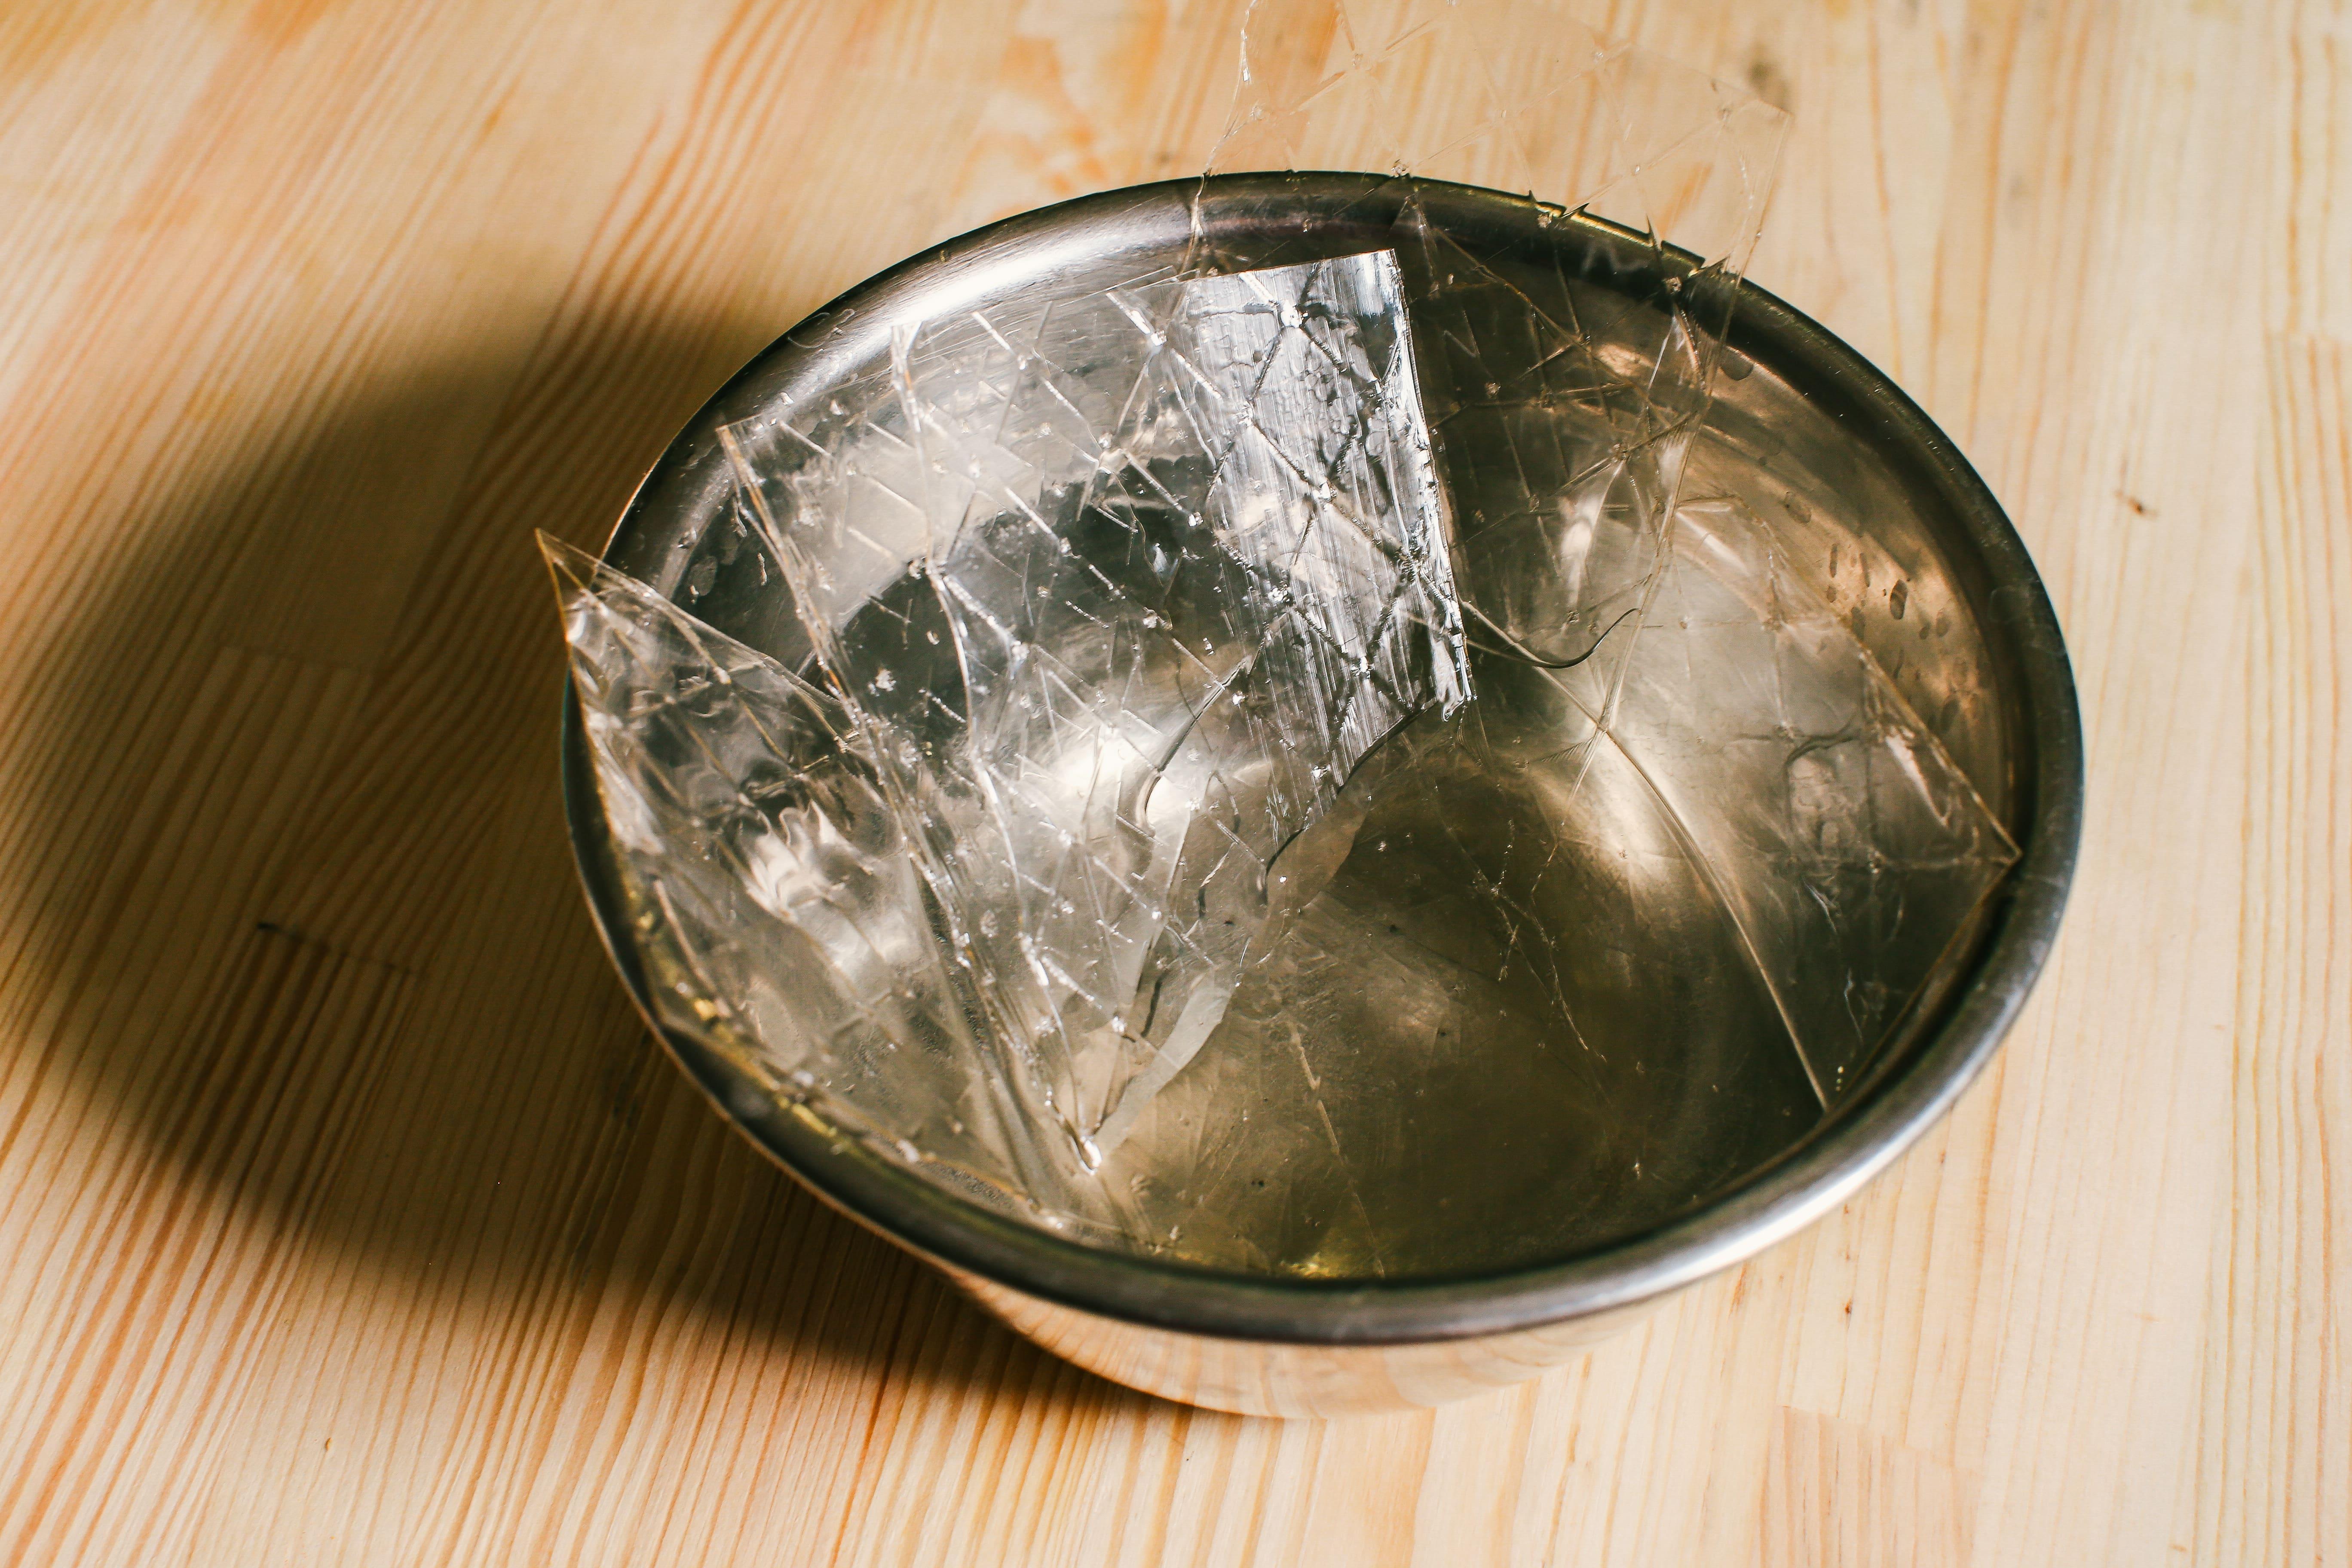 Желатин попередньо замочити в холодній воді, якщо користуєтесь листовим. Якщо звичайний швидкорозчинний – можна одразу додавати до готової нагрітої суміші. Якщо желатин не швидкорозчинний – замочити 10 г желатину в столовій ложці холодної води на 5-10 хвилин.